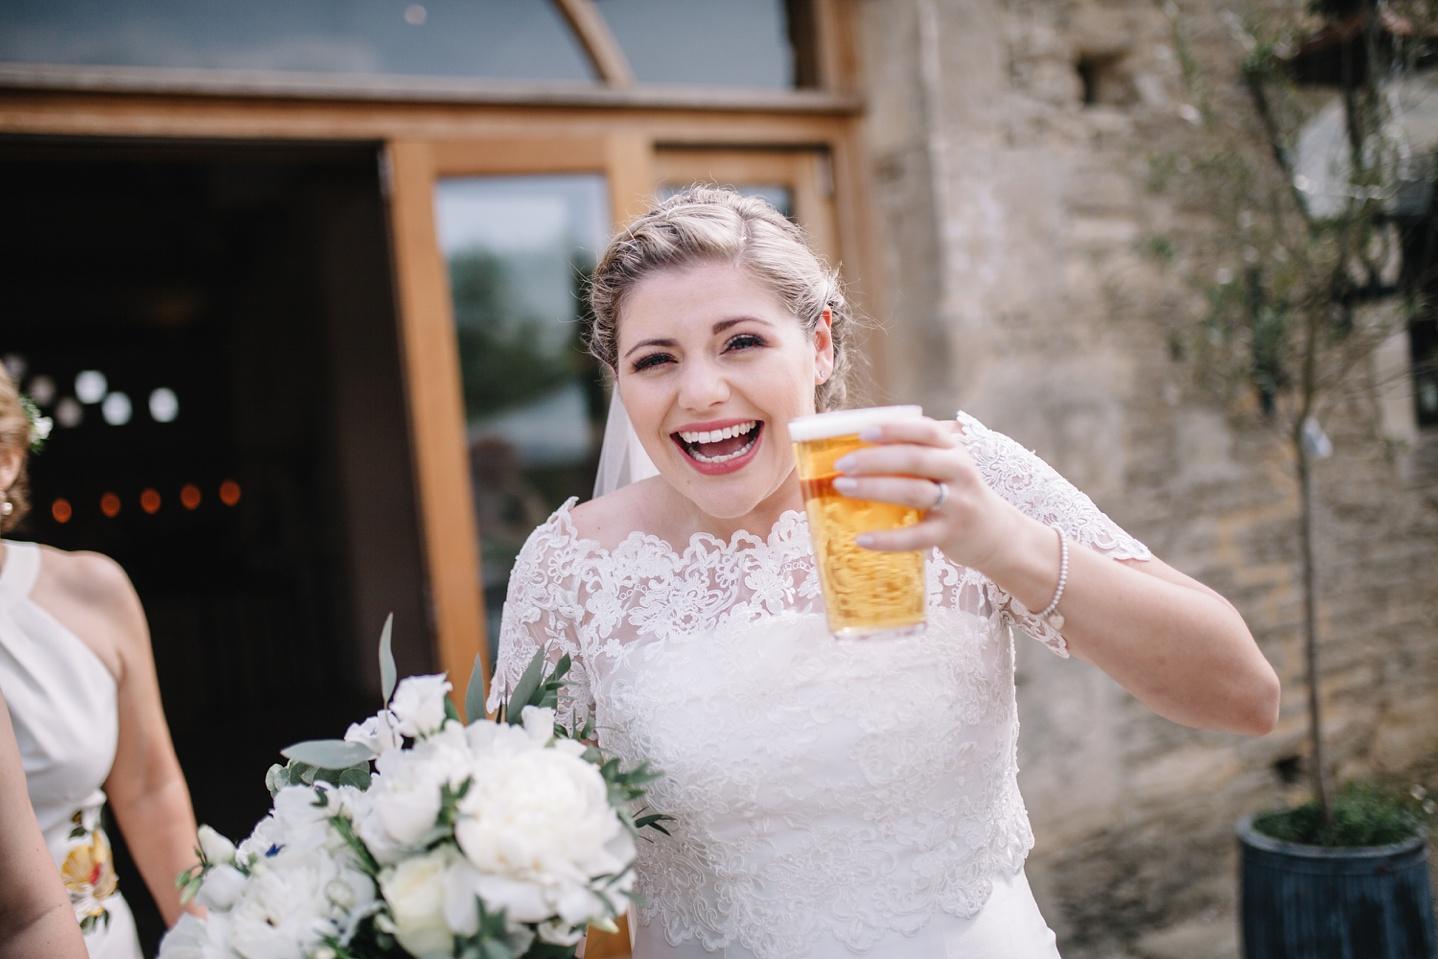 Oxleaze-Barn-Wedding-Photographer_0078.jpg